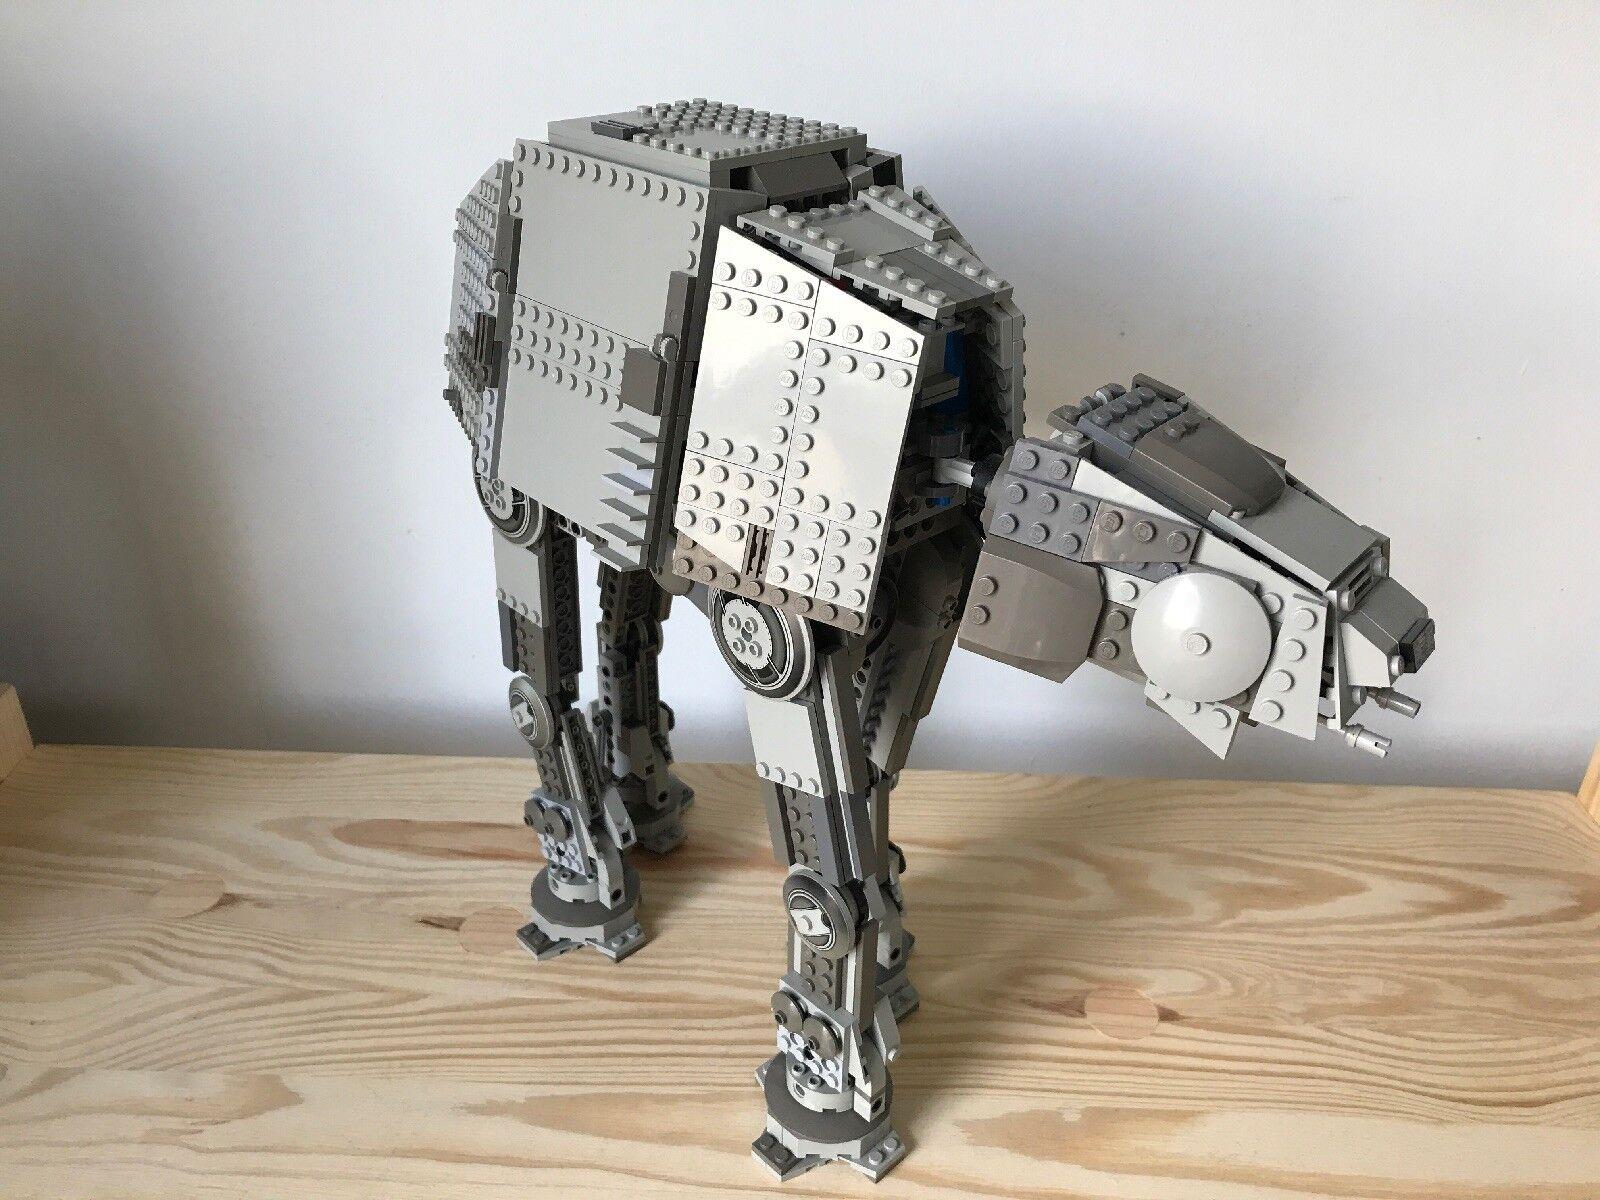 Lego Lego Lego Star Wars AT-AT ( 4483 ) Inkl Anleitung Schwarze Edition b9b33e